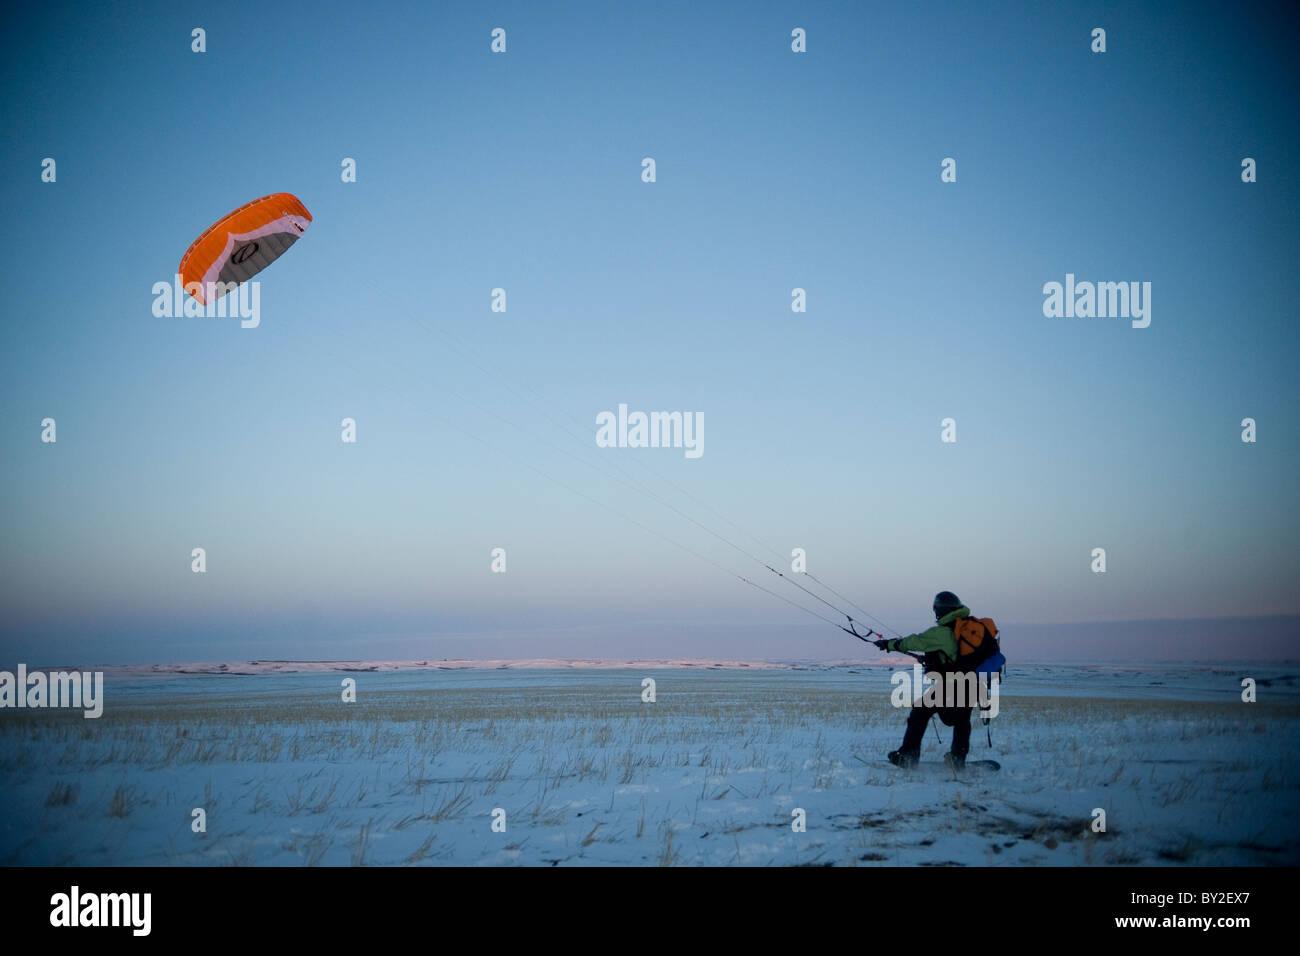 Ein junger Mann mit seinem Snowkite ausziehen. Stockbild